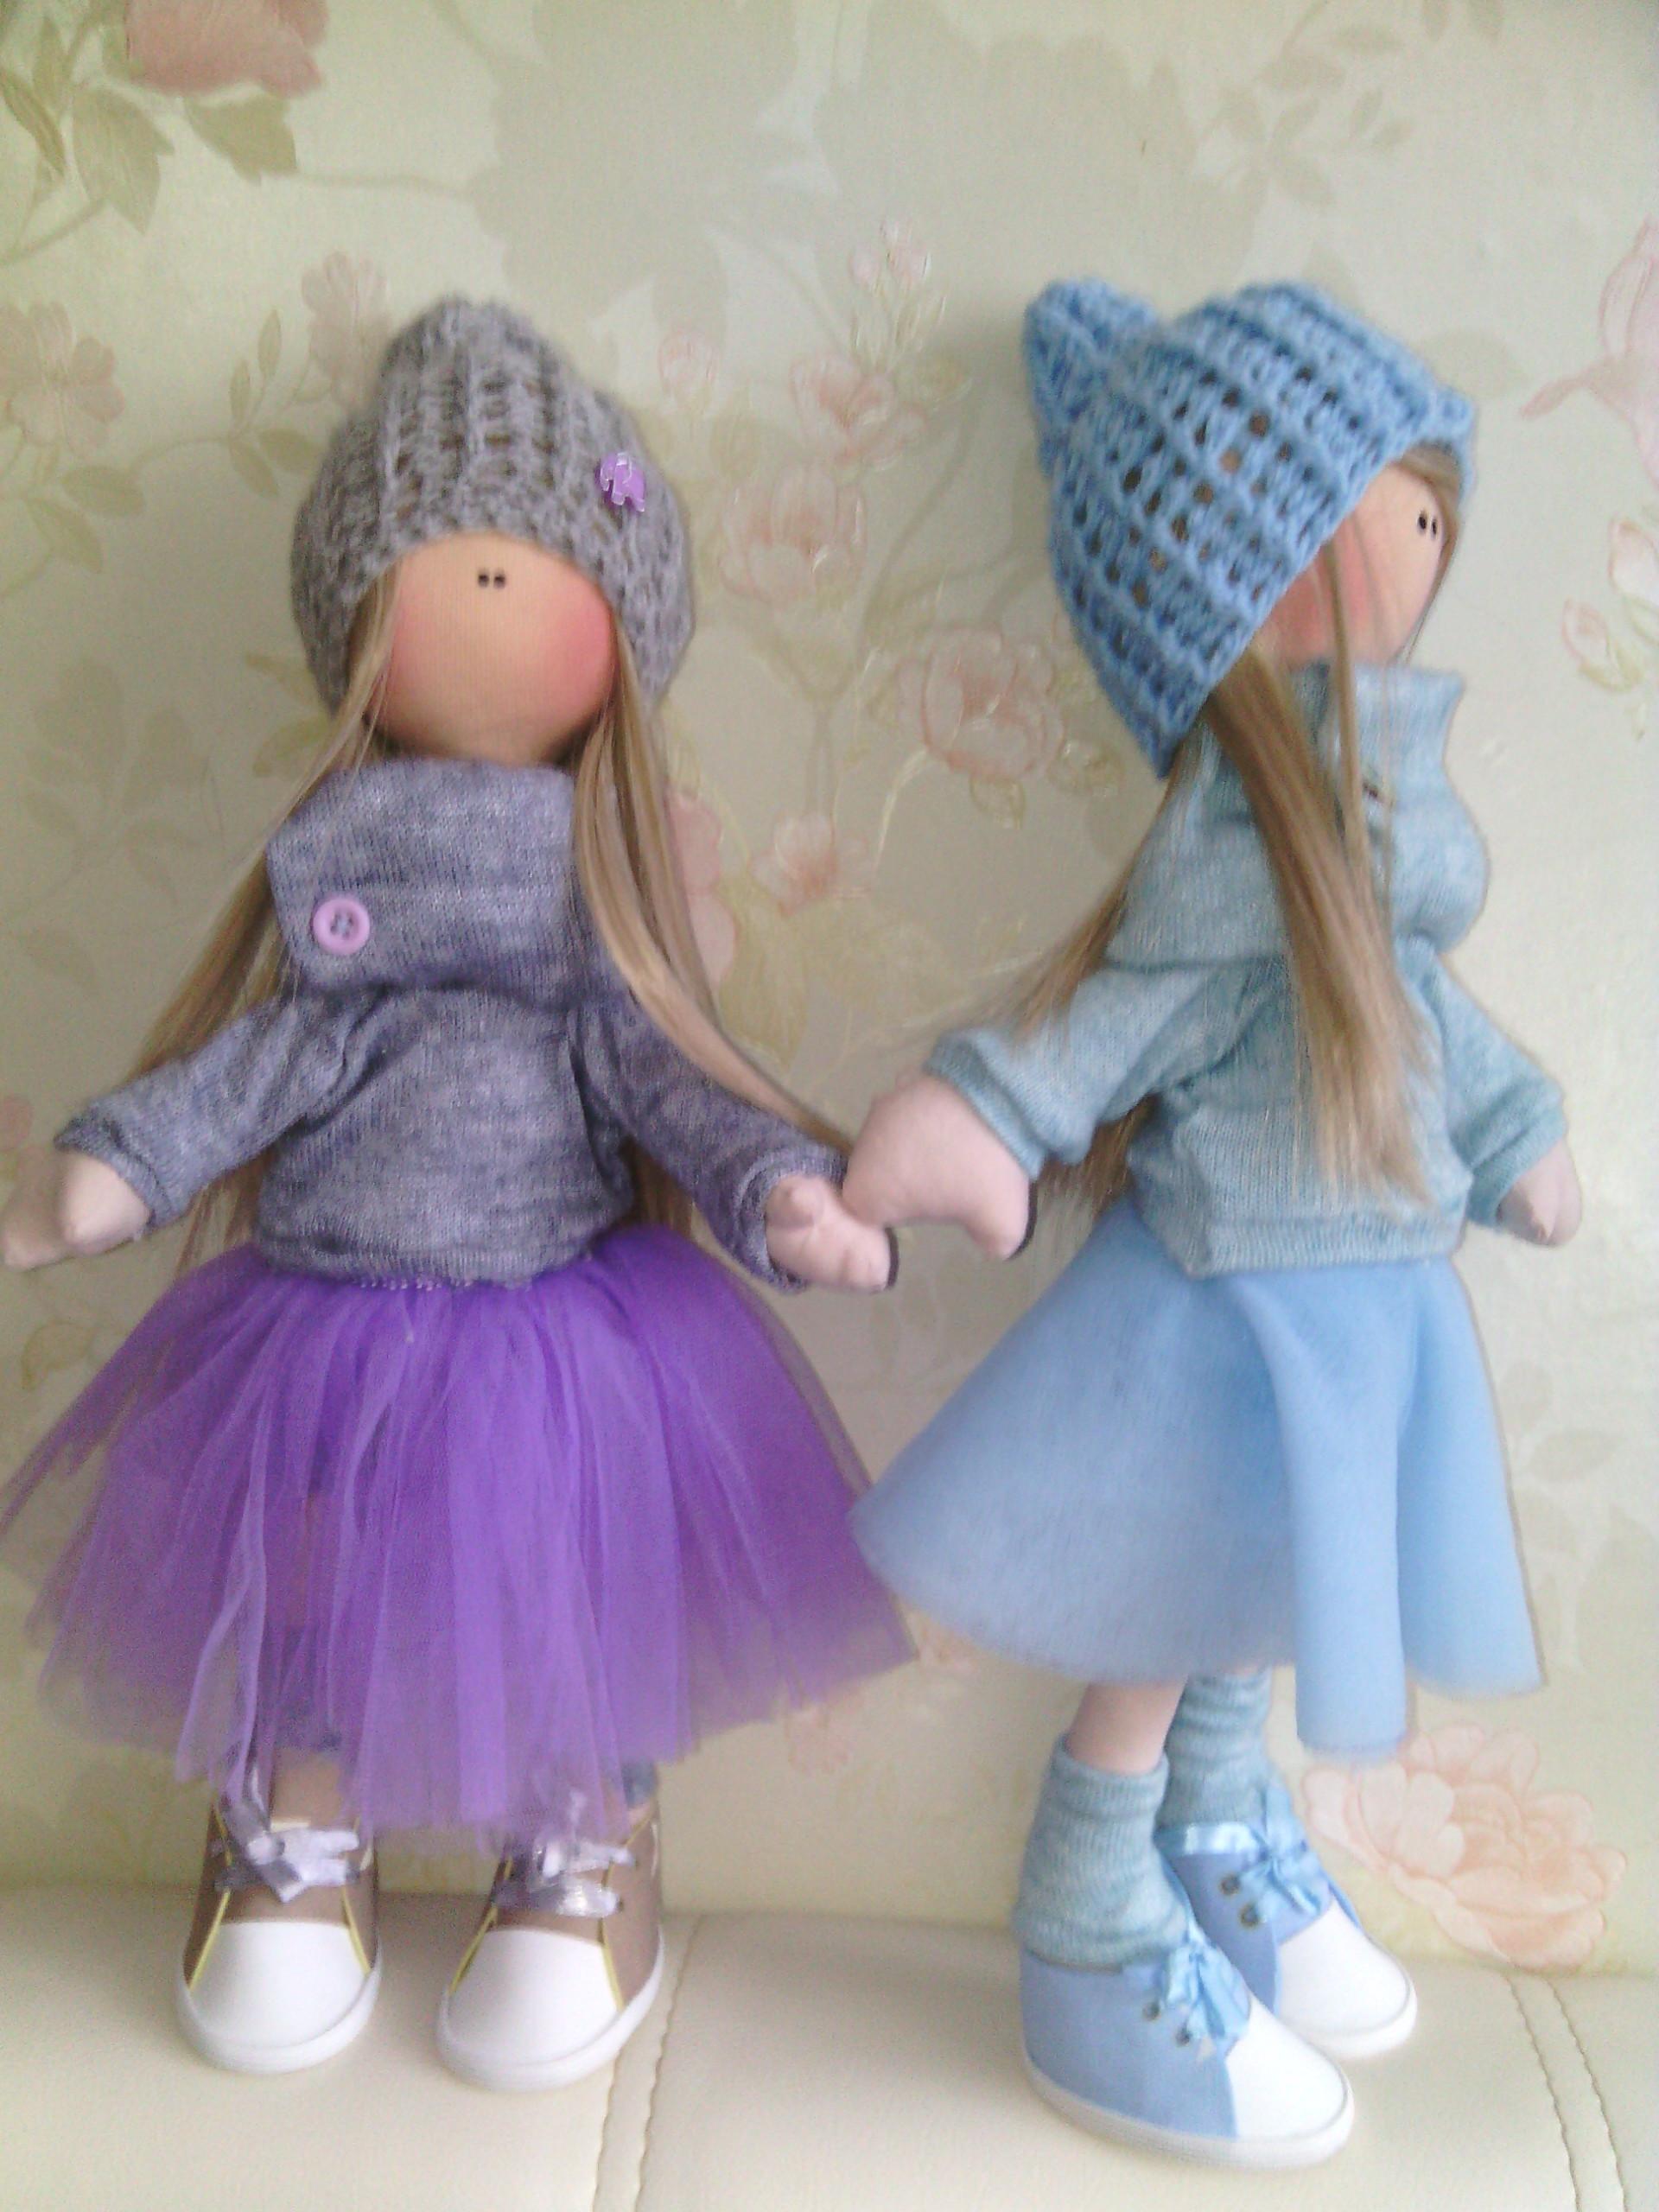 Куклы хобби своими руками